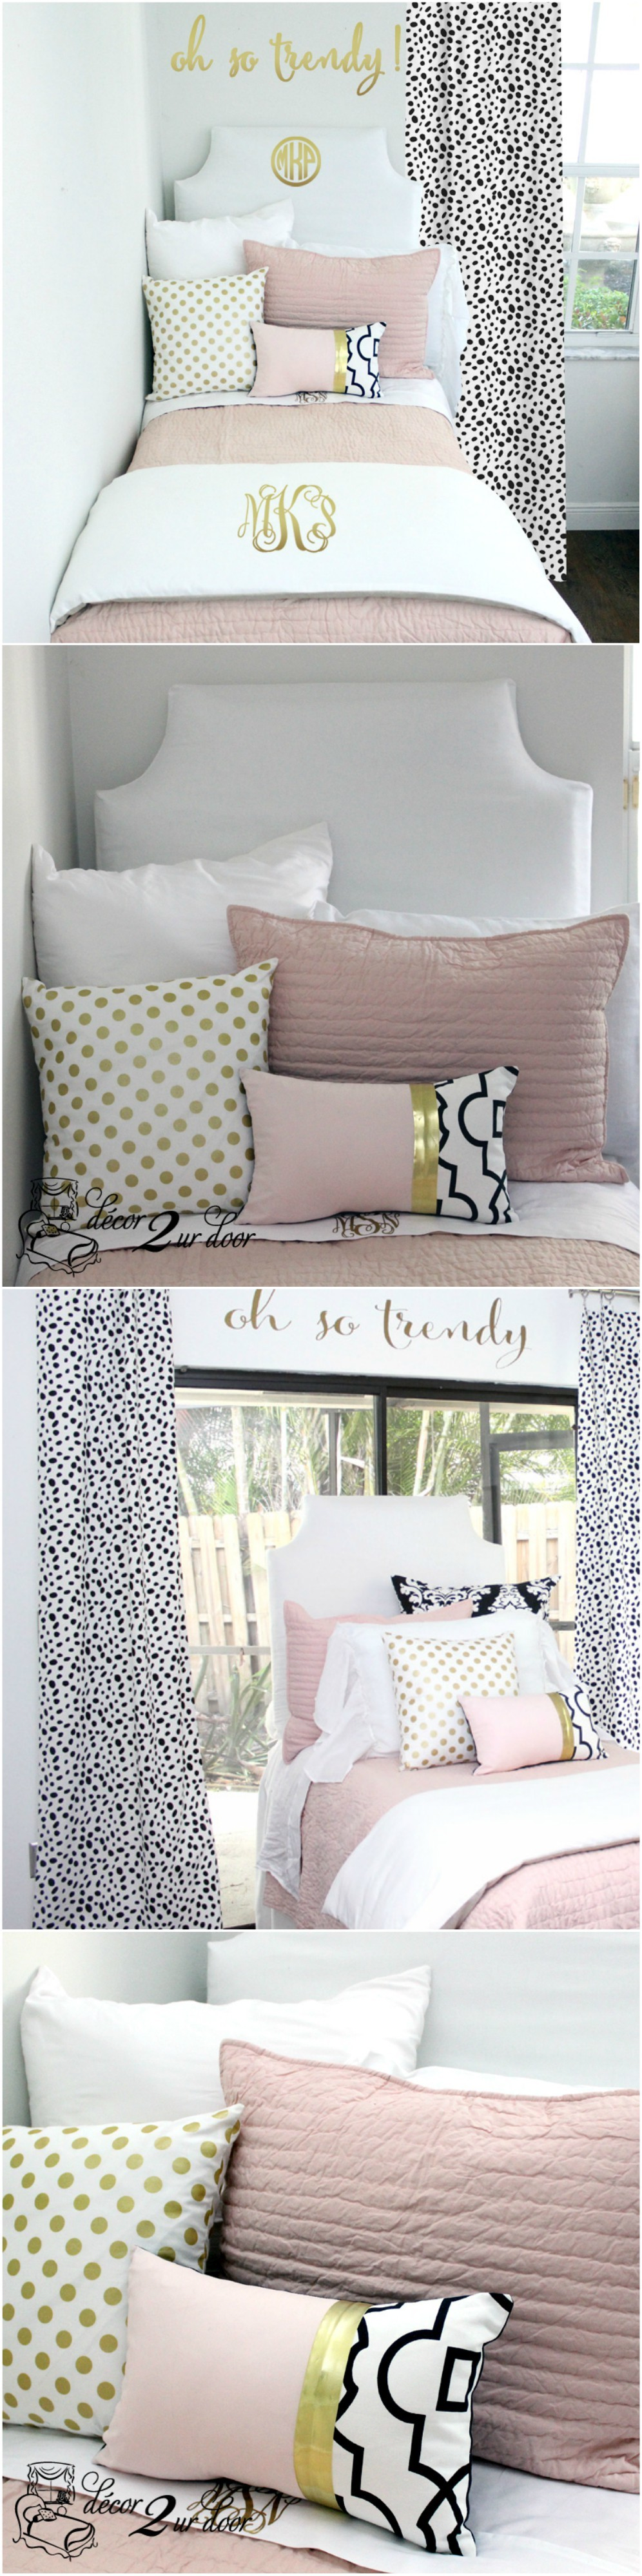 Blush Pink White & A Pop of Black Designer Dorm Bedding Set